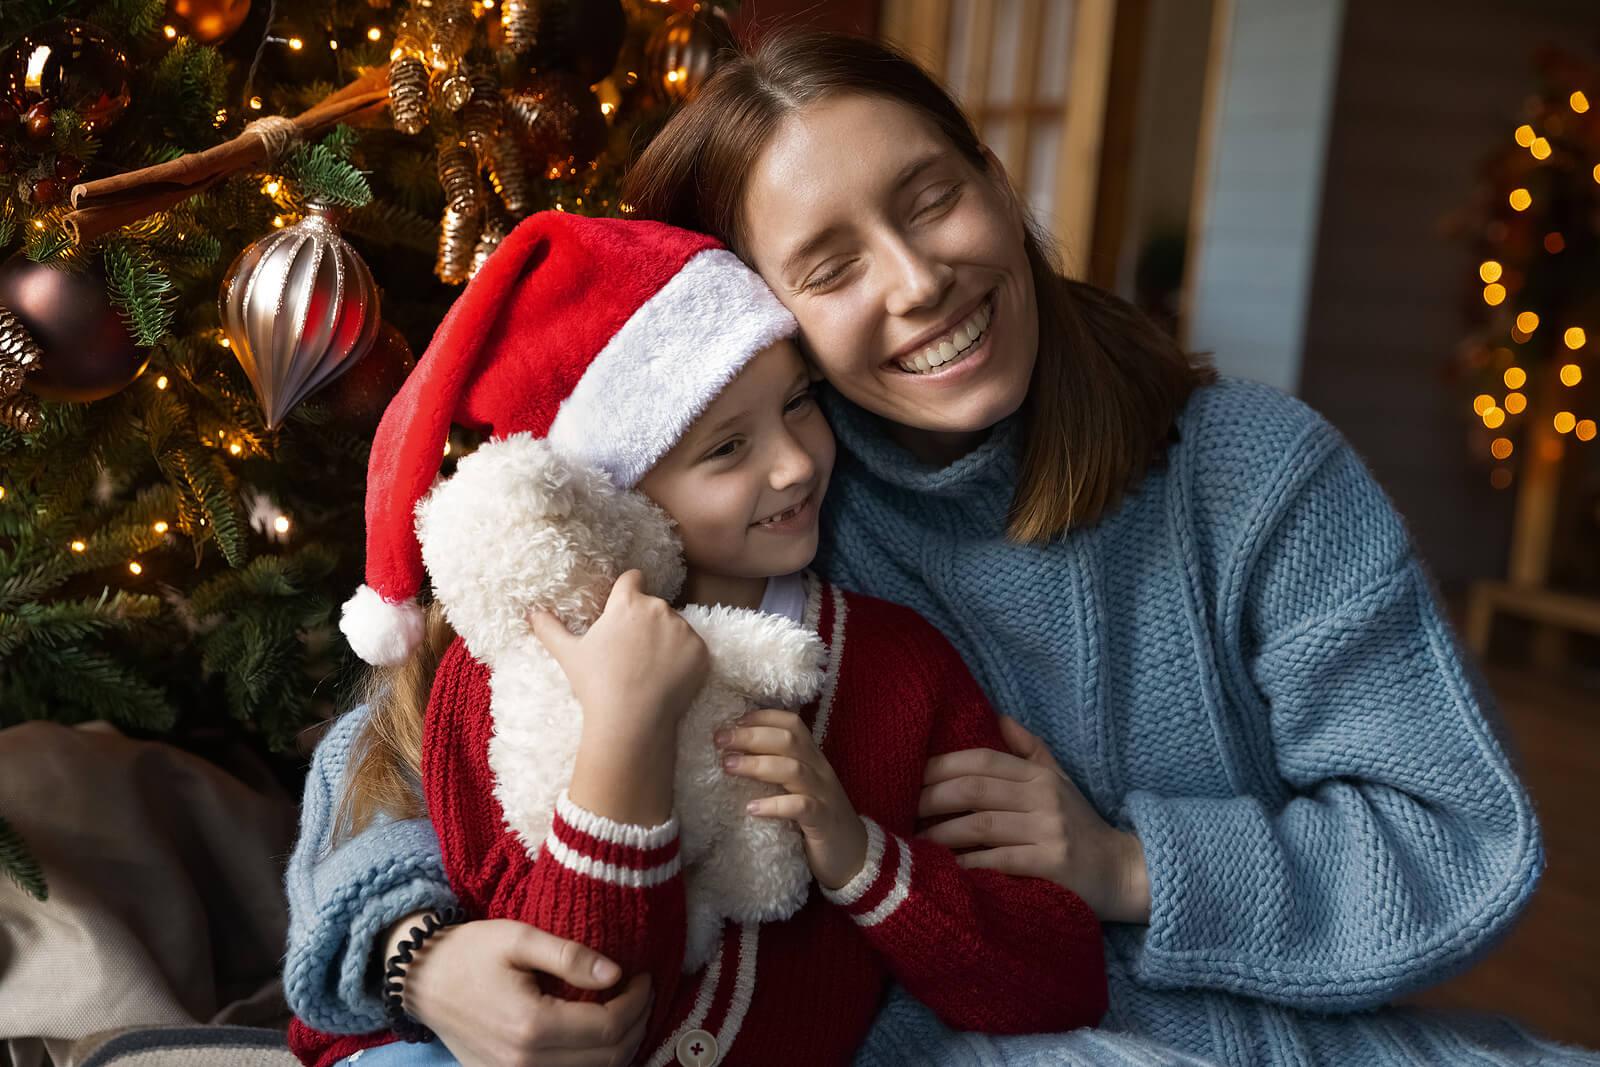 Madre e hijo dándose un abrazo por Navidad.